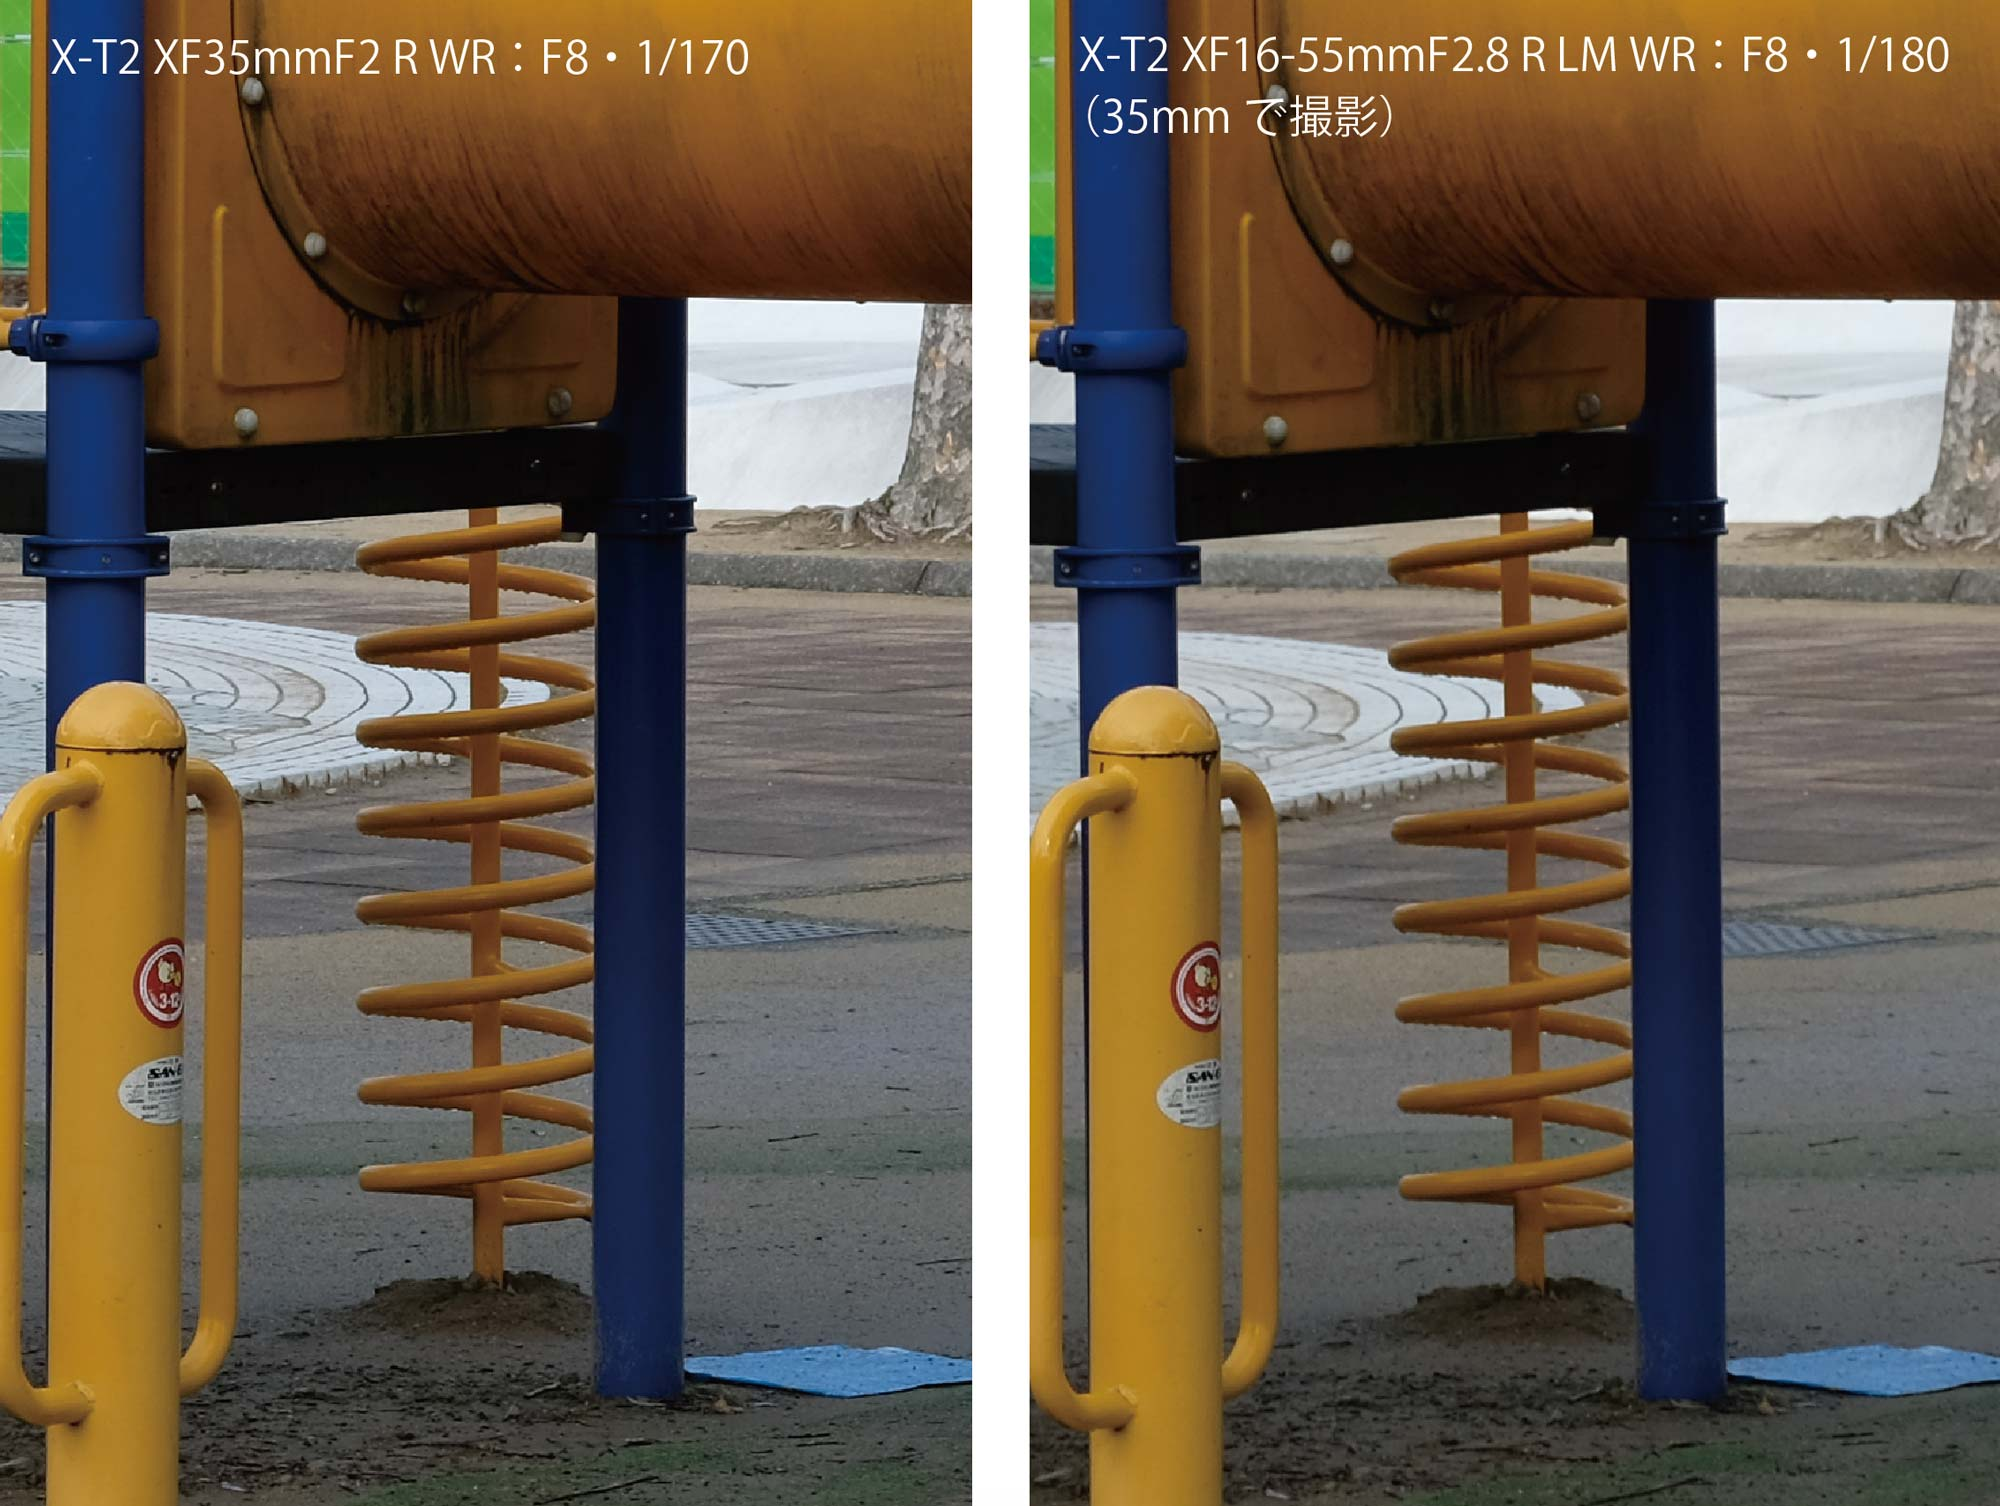 XF35mmF2・XF16-55mmF2.8 画質を比較(公園の遊具)